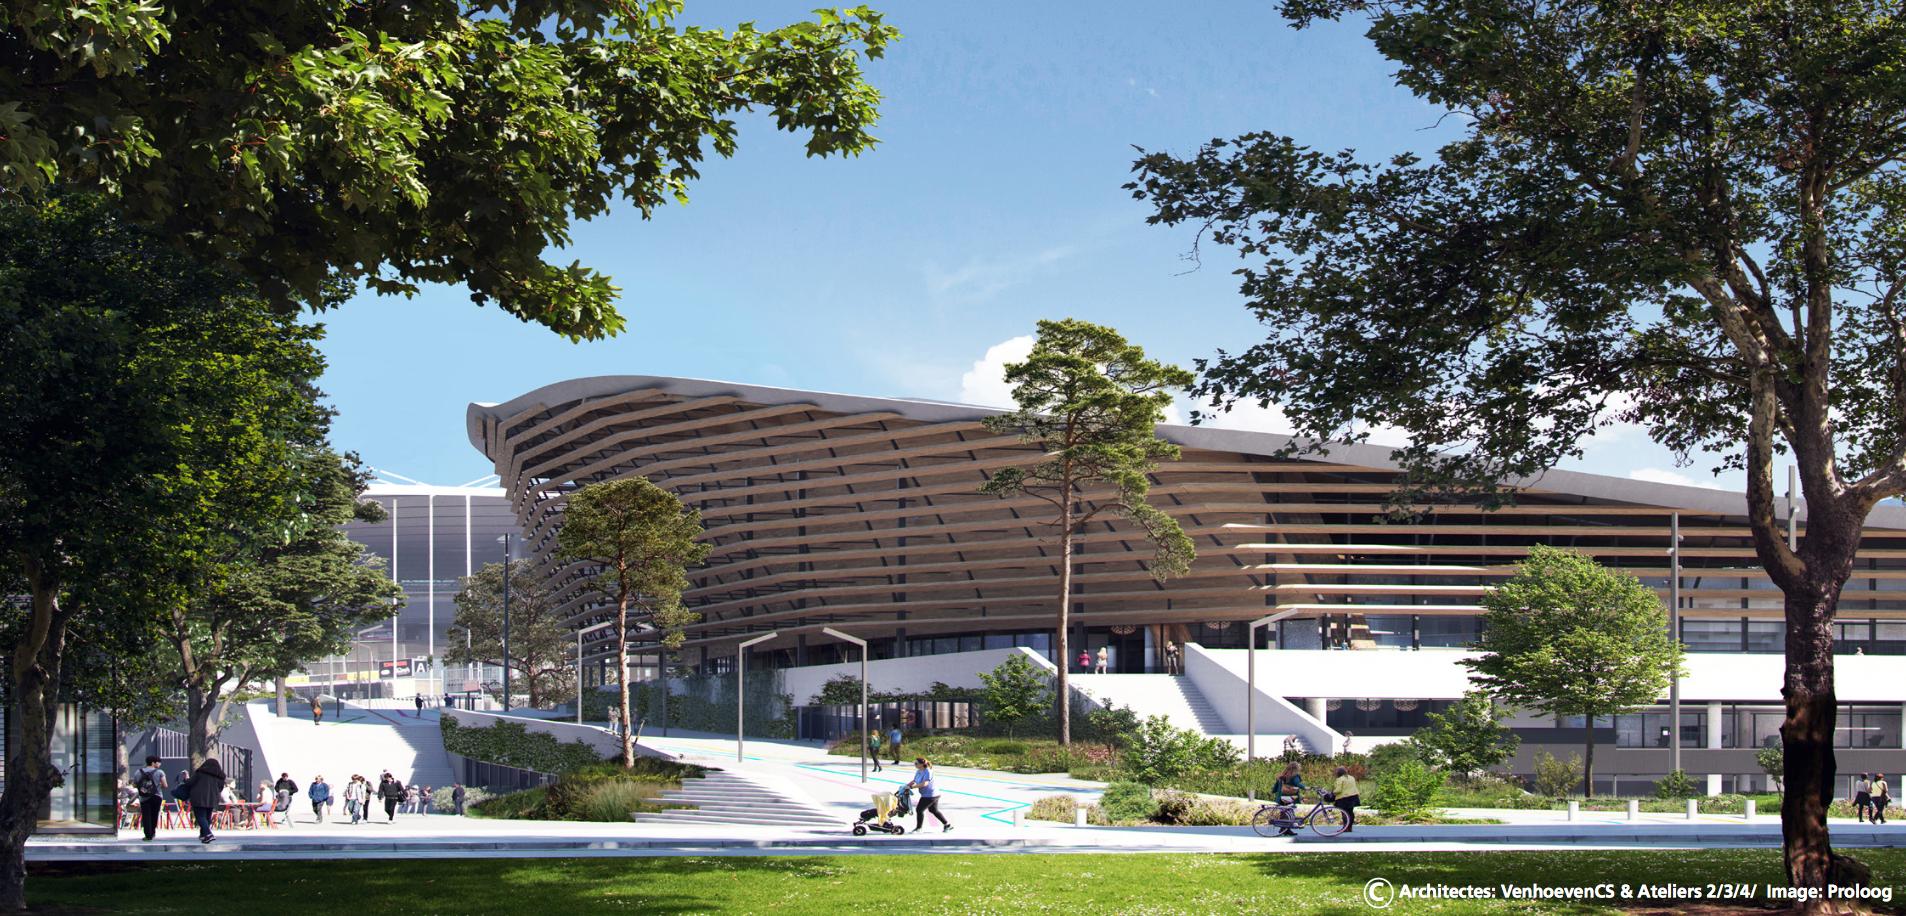 Le Centre aquatique olympique se révèle